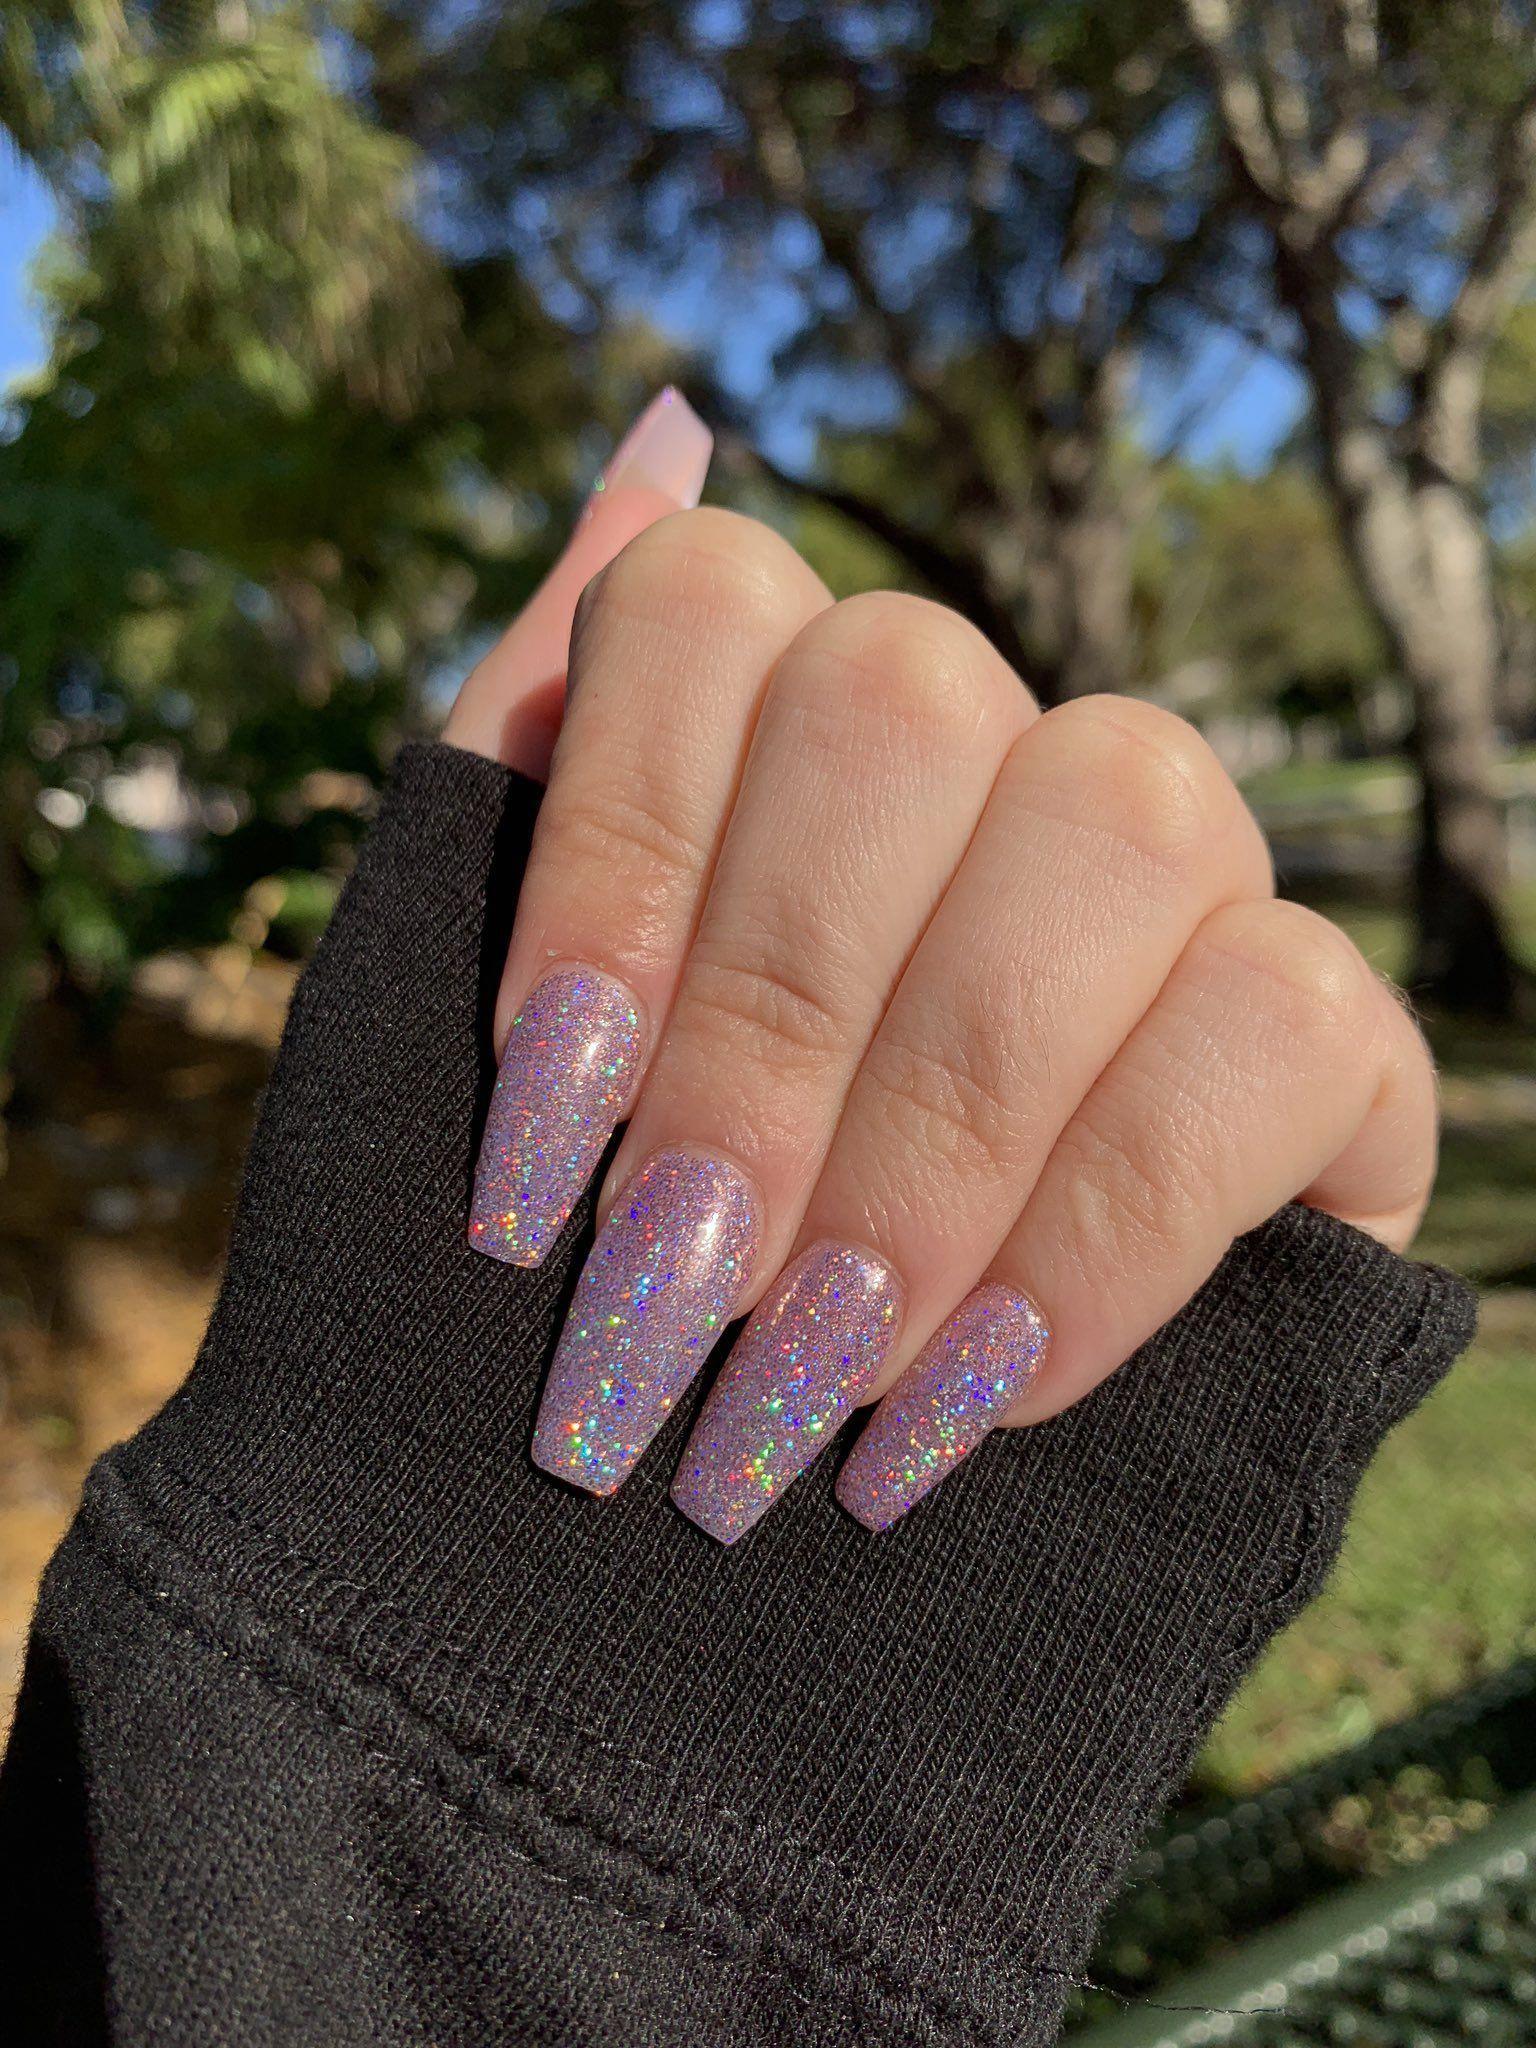 Toe Nail Tips Baking Soda Nailsforthebeach Lilac Nails Summer Acrylic Nails Long Nails